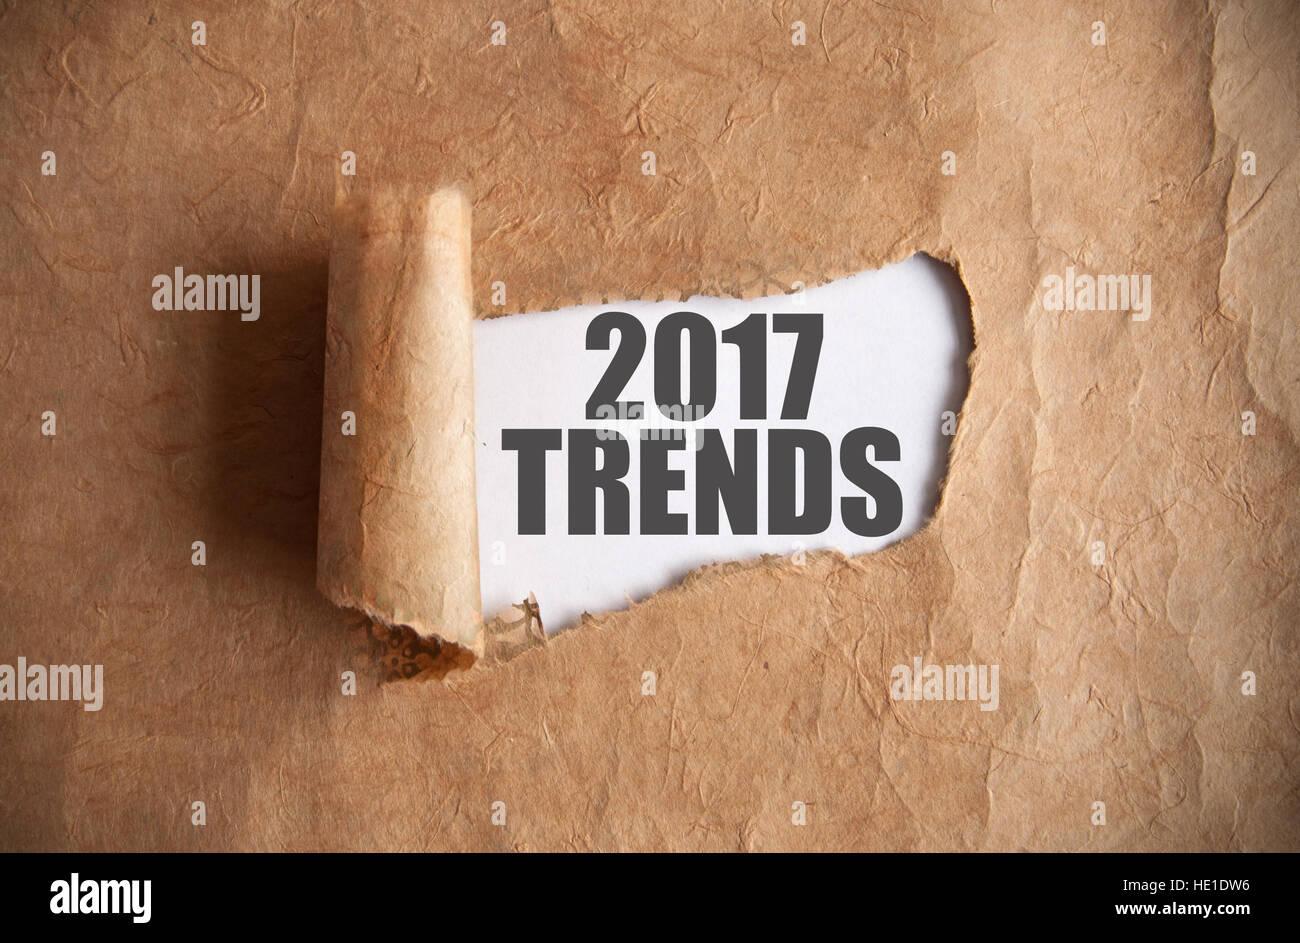 Hin-und hergerissen Stück Schriftrolle 2017 Trends unter Aufdeckung Stockbild